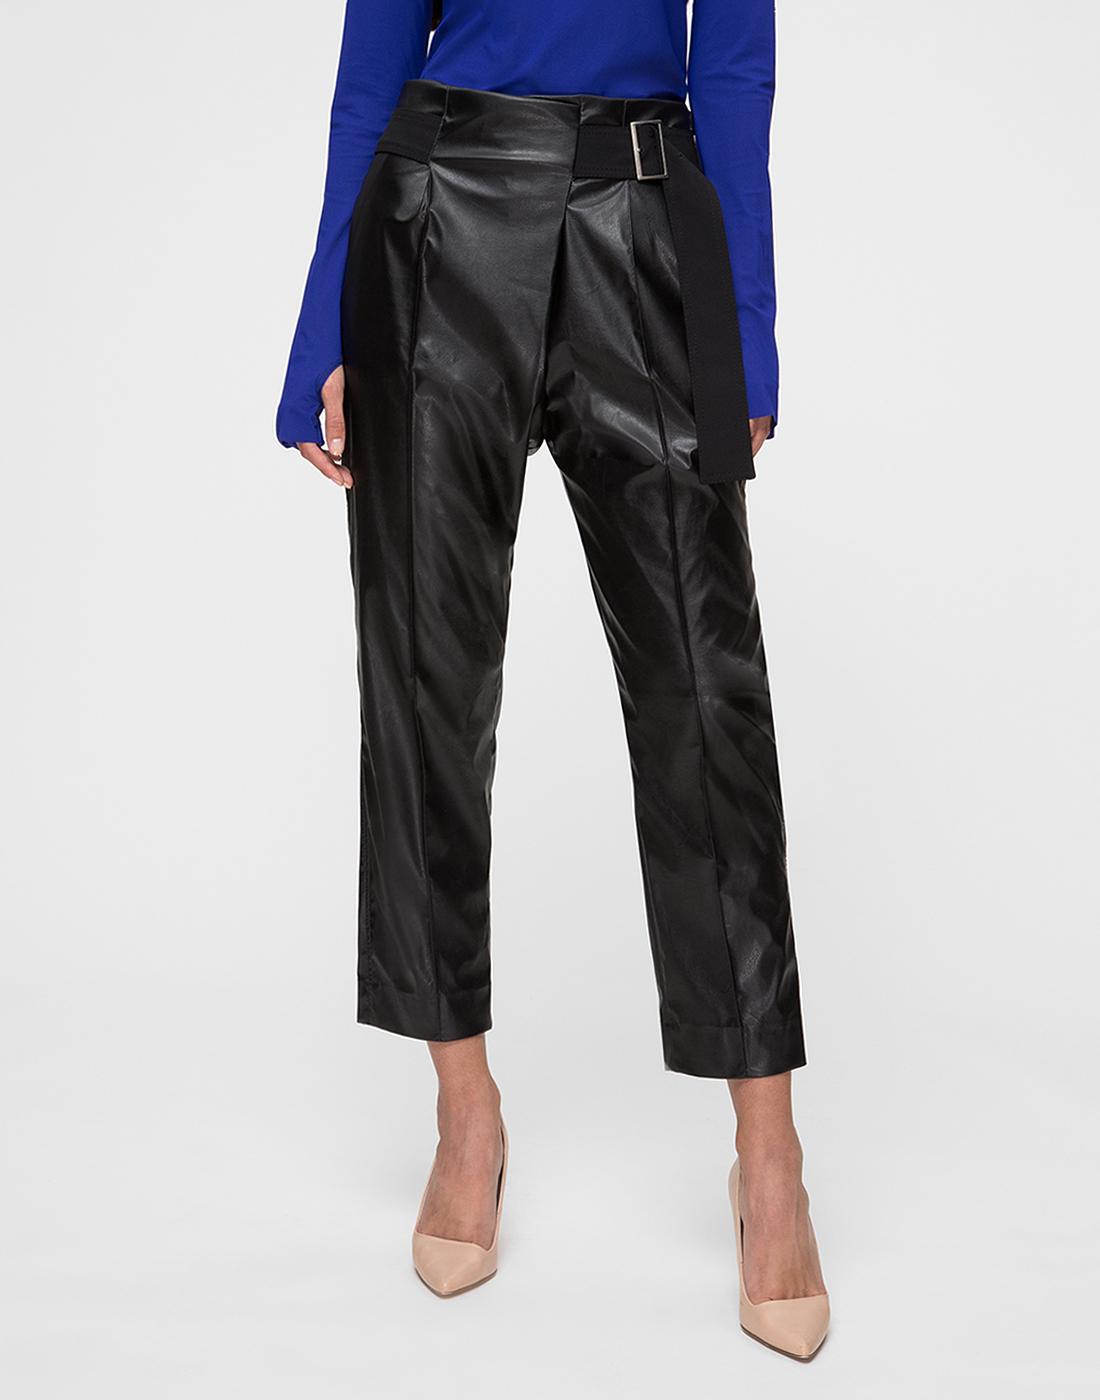 Женские черные брюки Dorothee Schumacher S546301/999-2